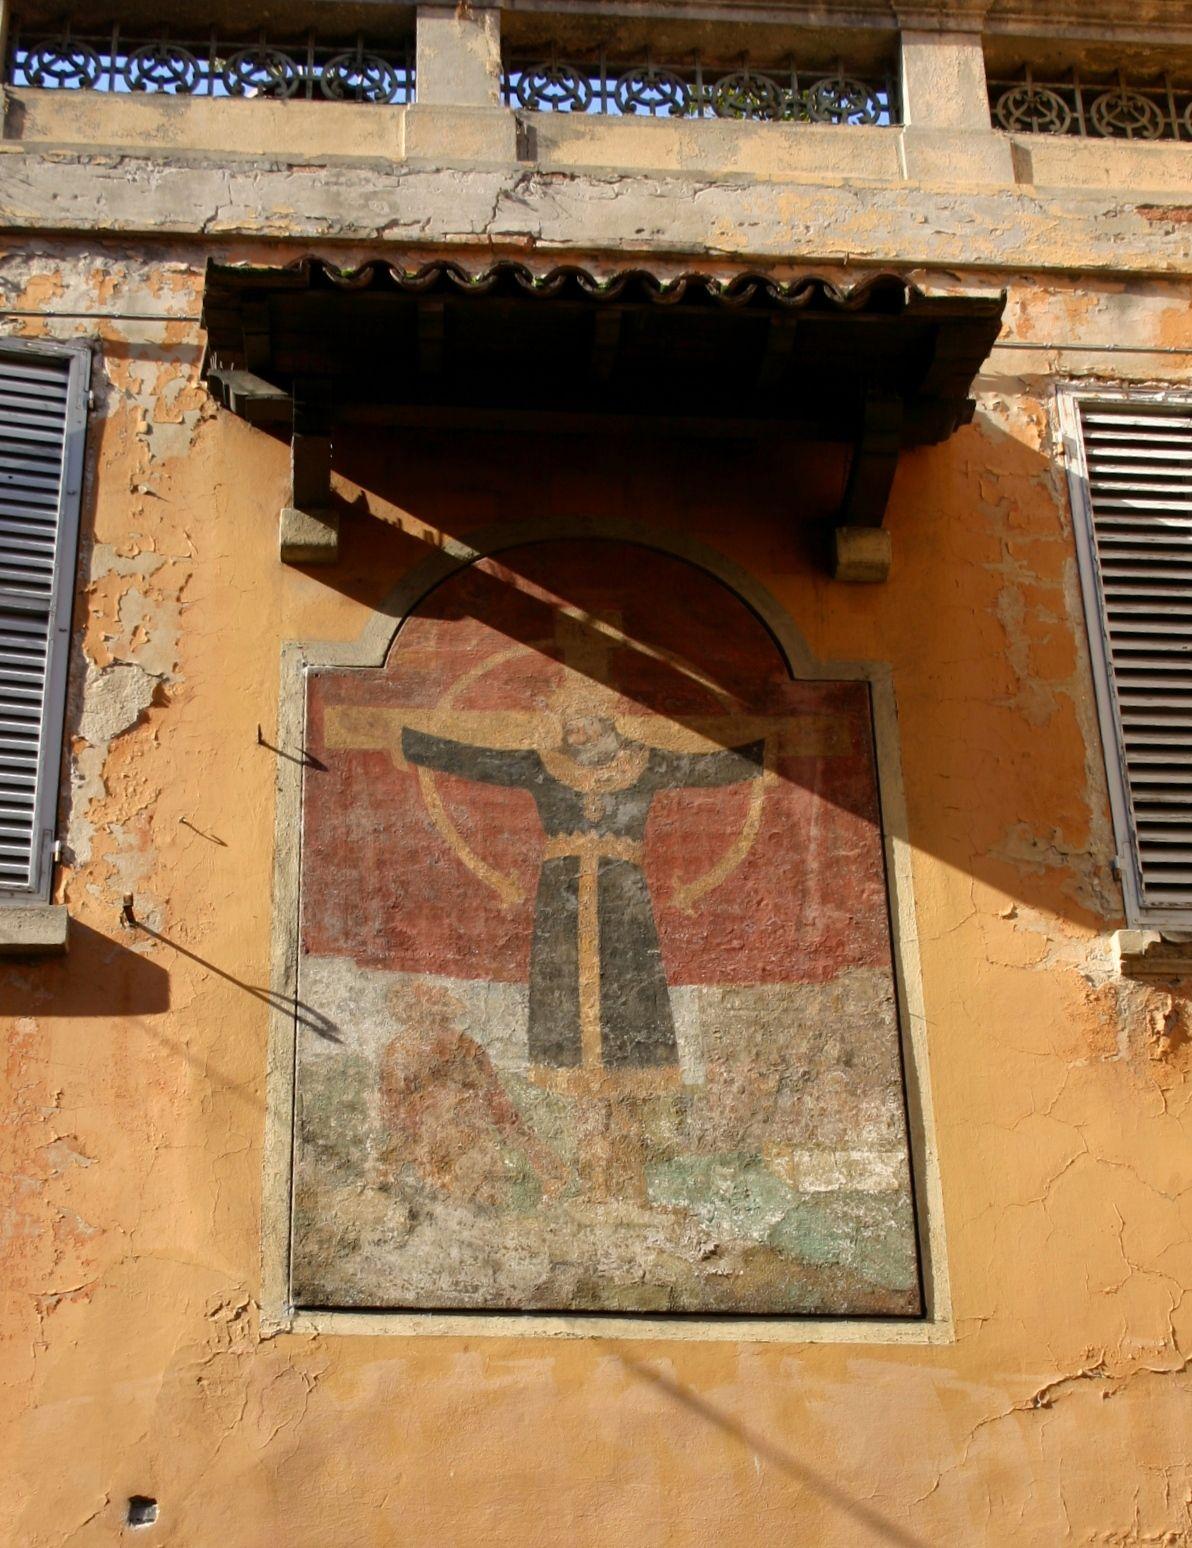 6239_-_Bologna_-_Volto_Santo_di_fronte_all'Oratorio_dei_Celestini_-_Foto_Giovanni_Dall'Orto,_9-Feb-2008.jpg (1192×1548)